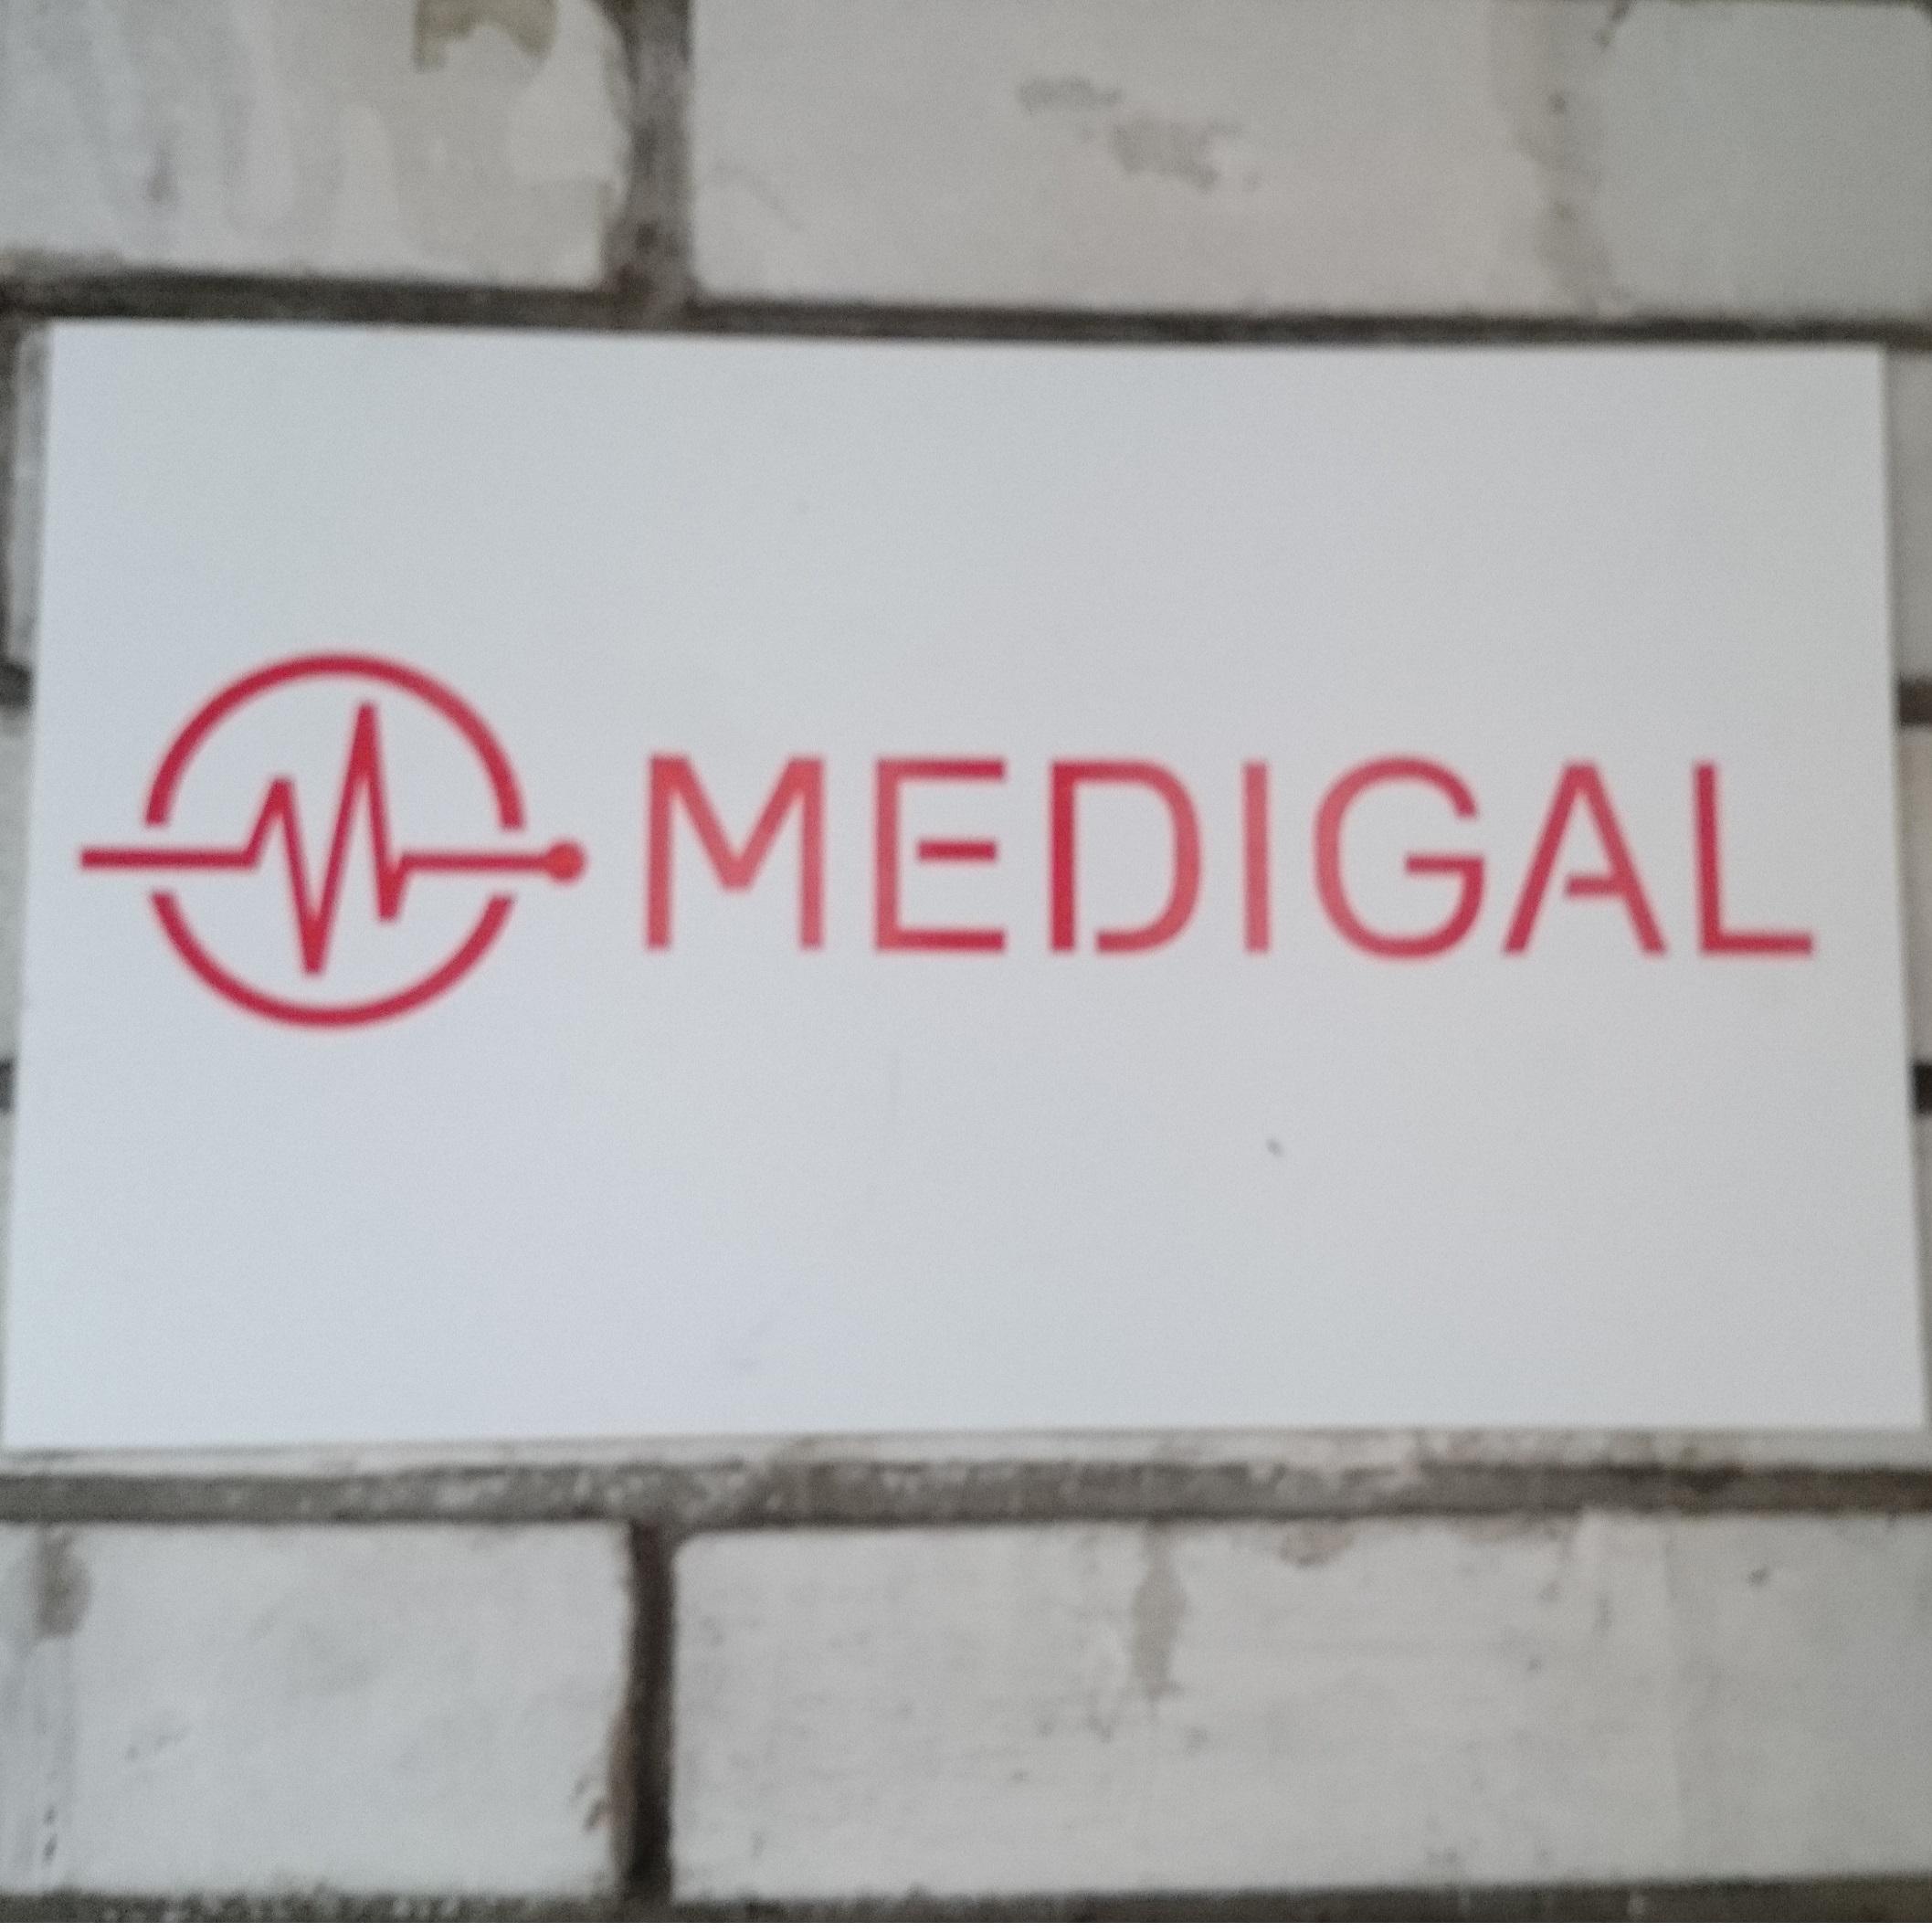 Nepostojeća firma nudi medicinskim radnicima posao u Nemačkoj